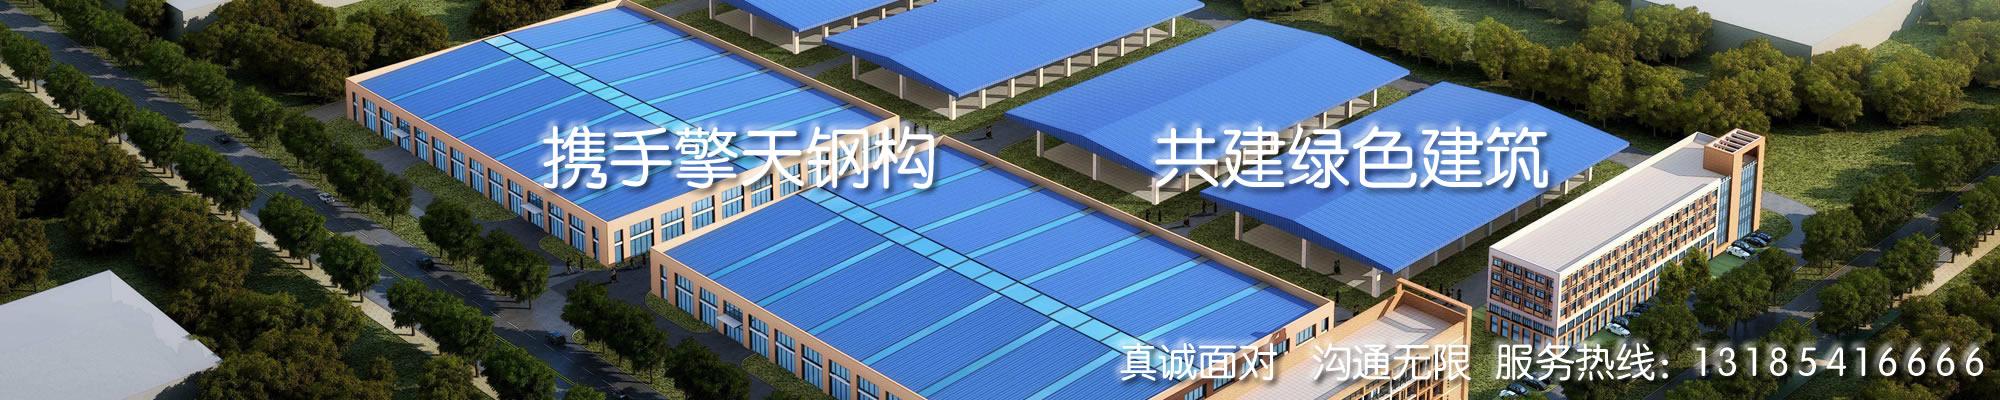 携手擎天钢构,共建绿色建筑,联系电话:0851-82539566